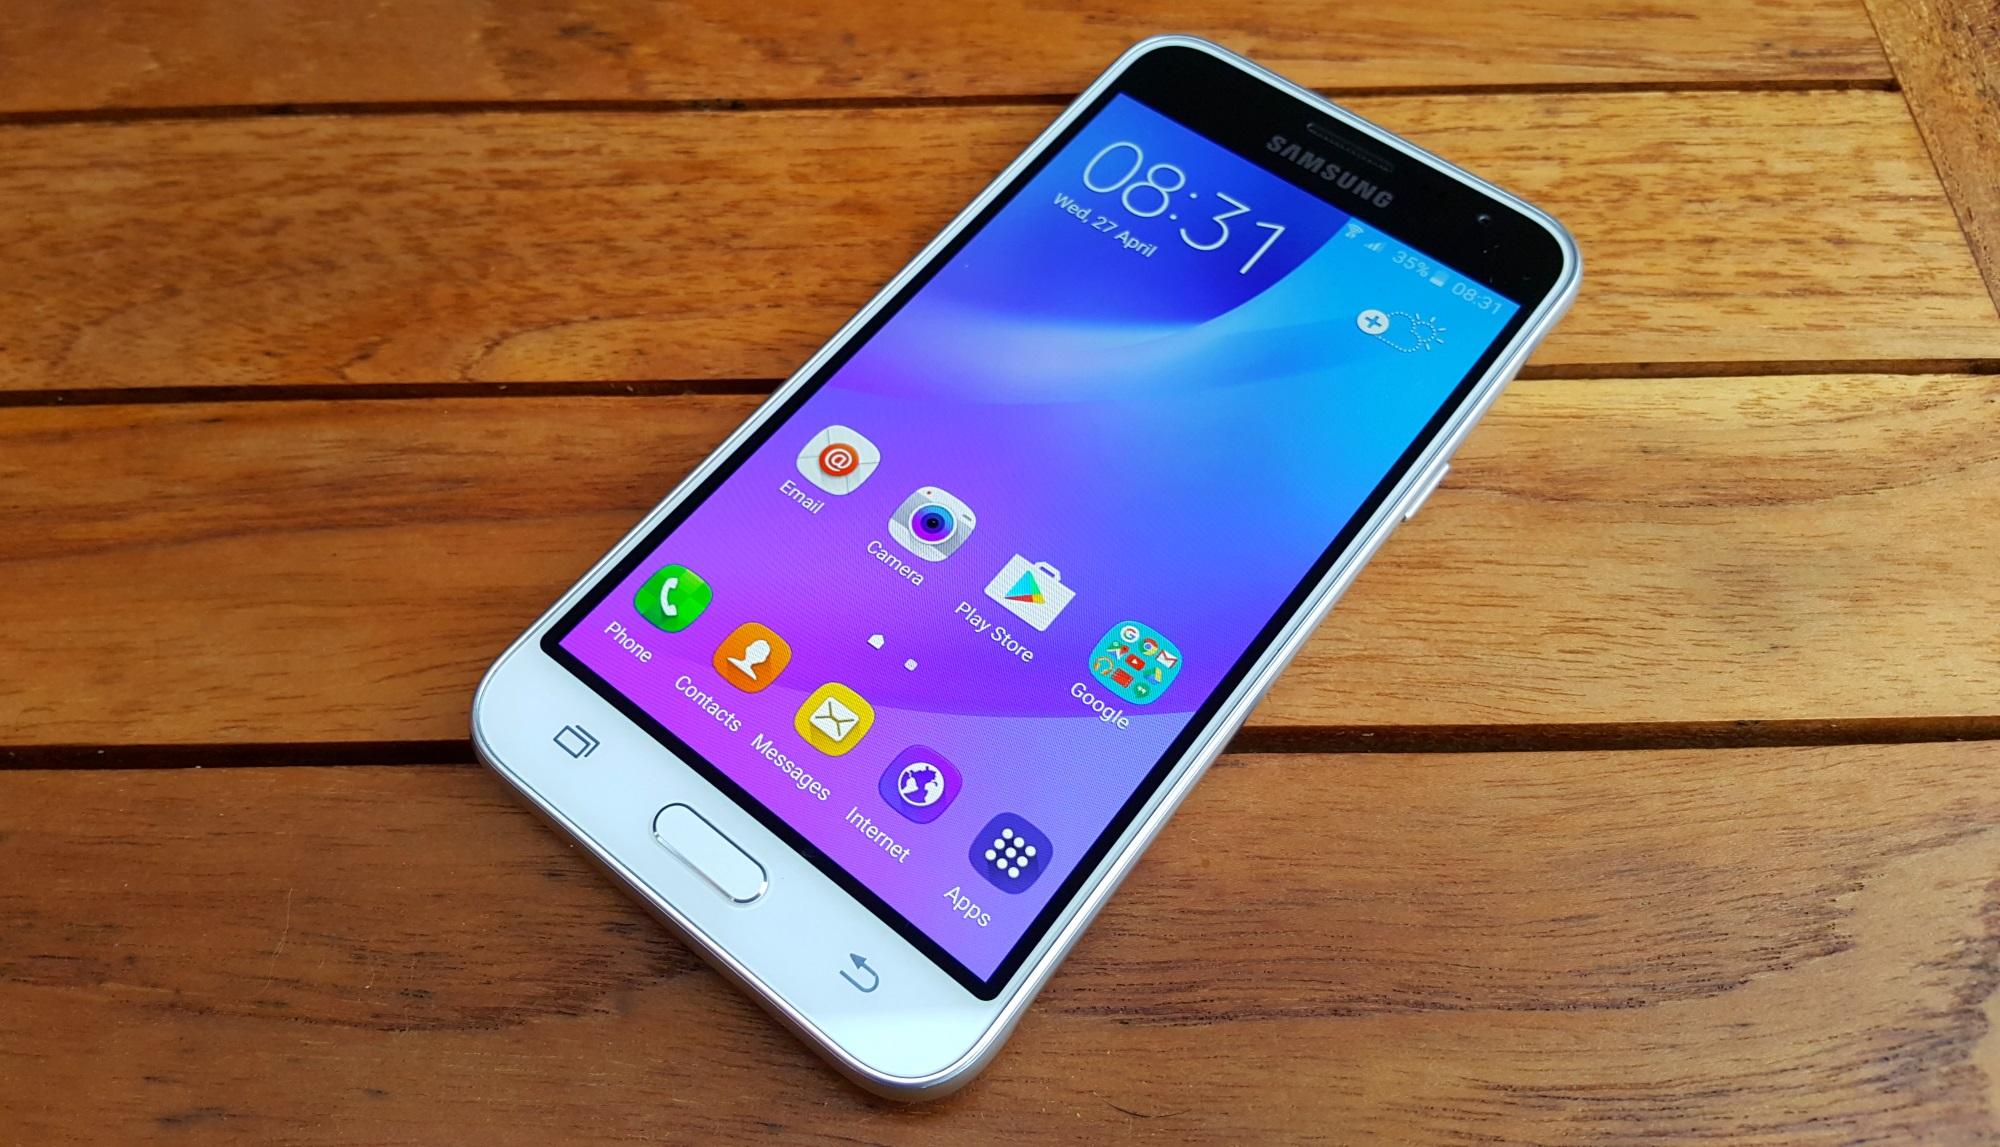 Samsung Galaxy J3 Emerger Bakal Dirilis Pada Januari 2017 1